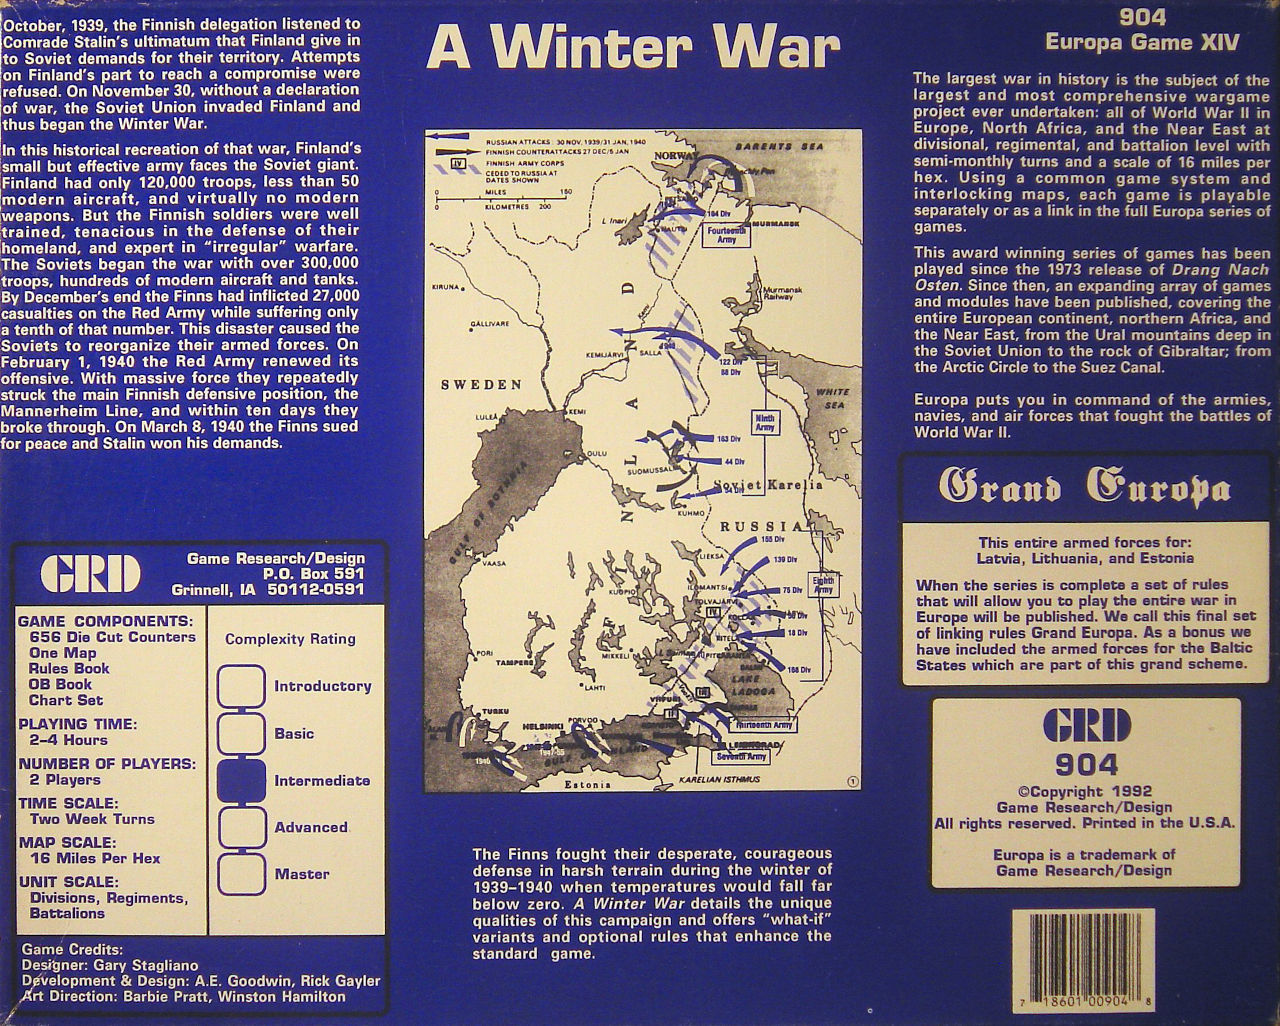 A Winter War - Box art